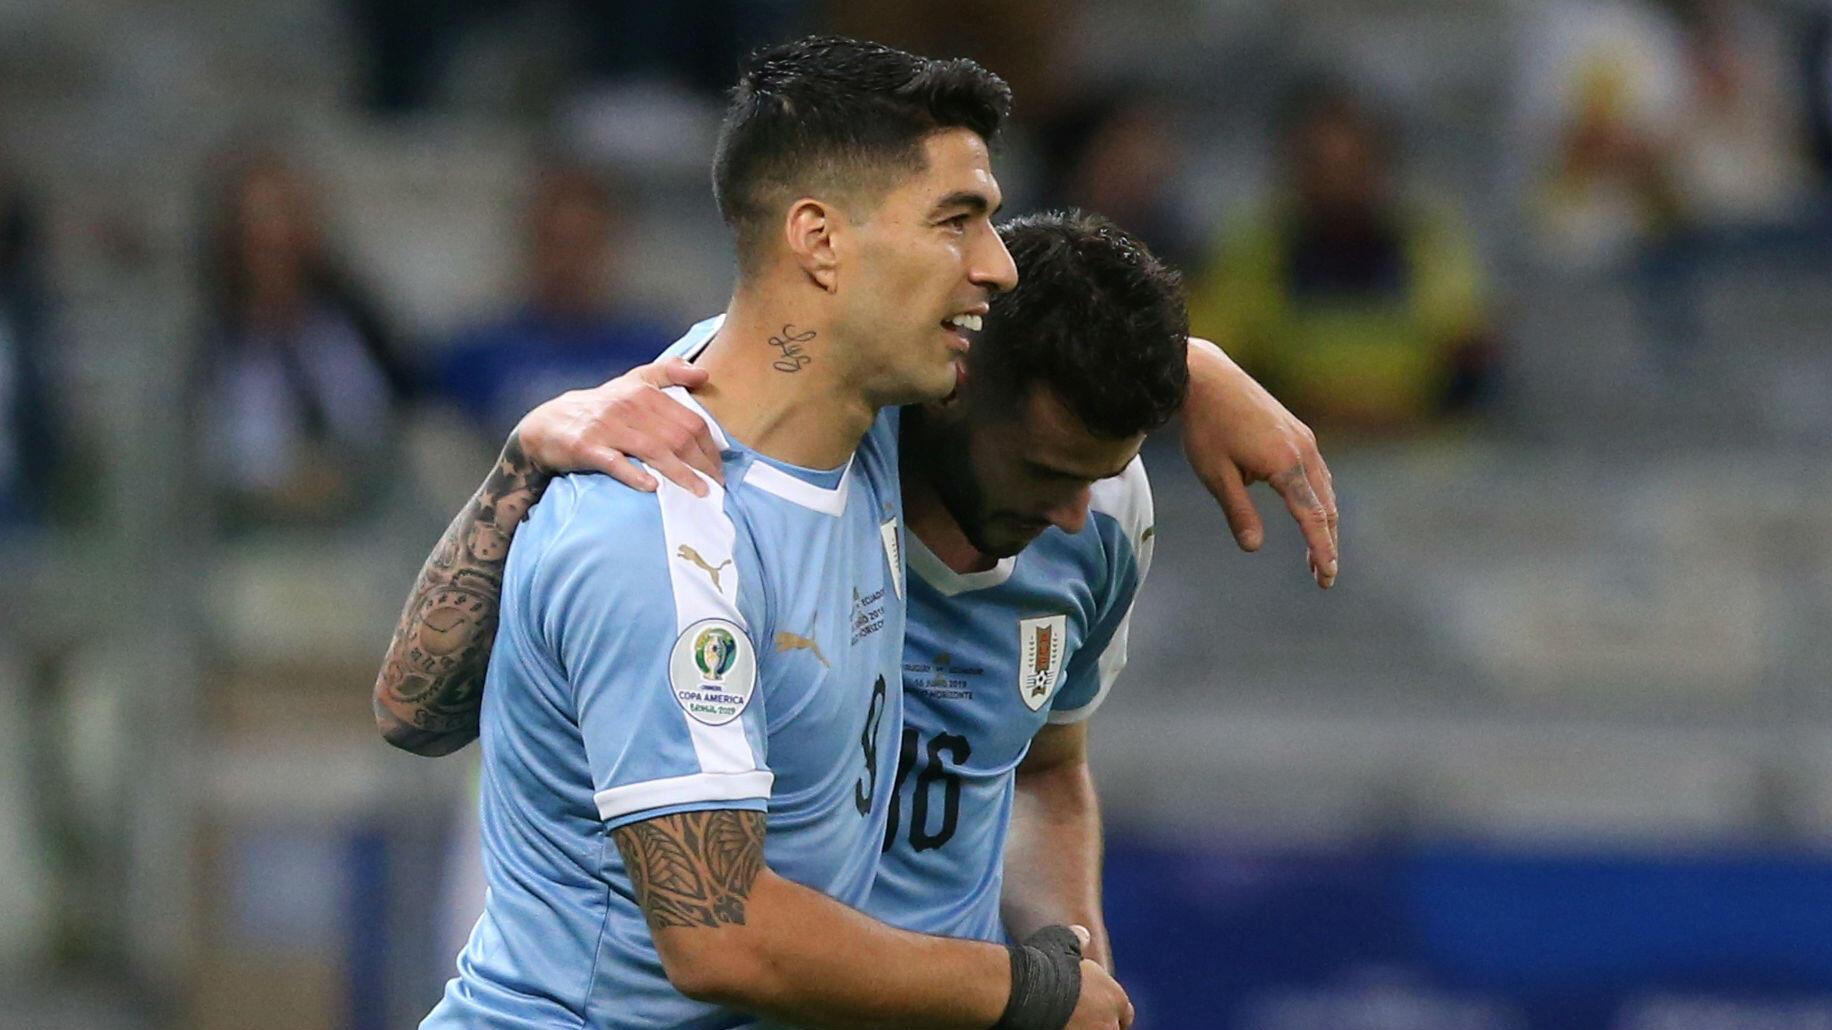 Luis Suárez y Gaston Pereiro de Uruguay celebran el cuarto gol uruguayo en el estadio Mineirao, en Belo Horizonte, Brasil, el 16 de junio de 2019.